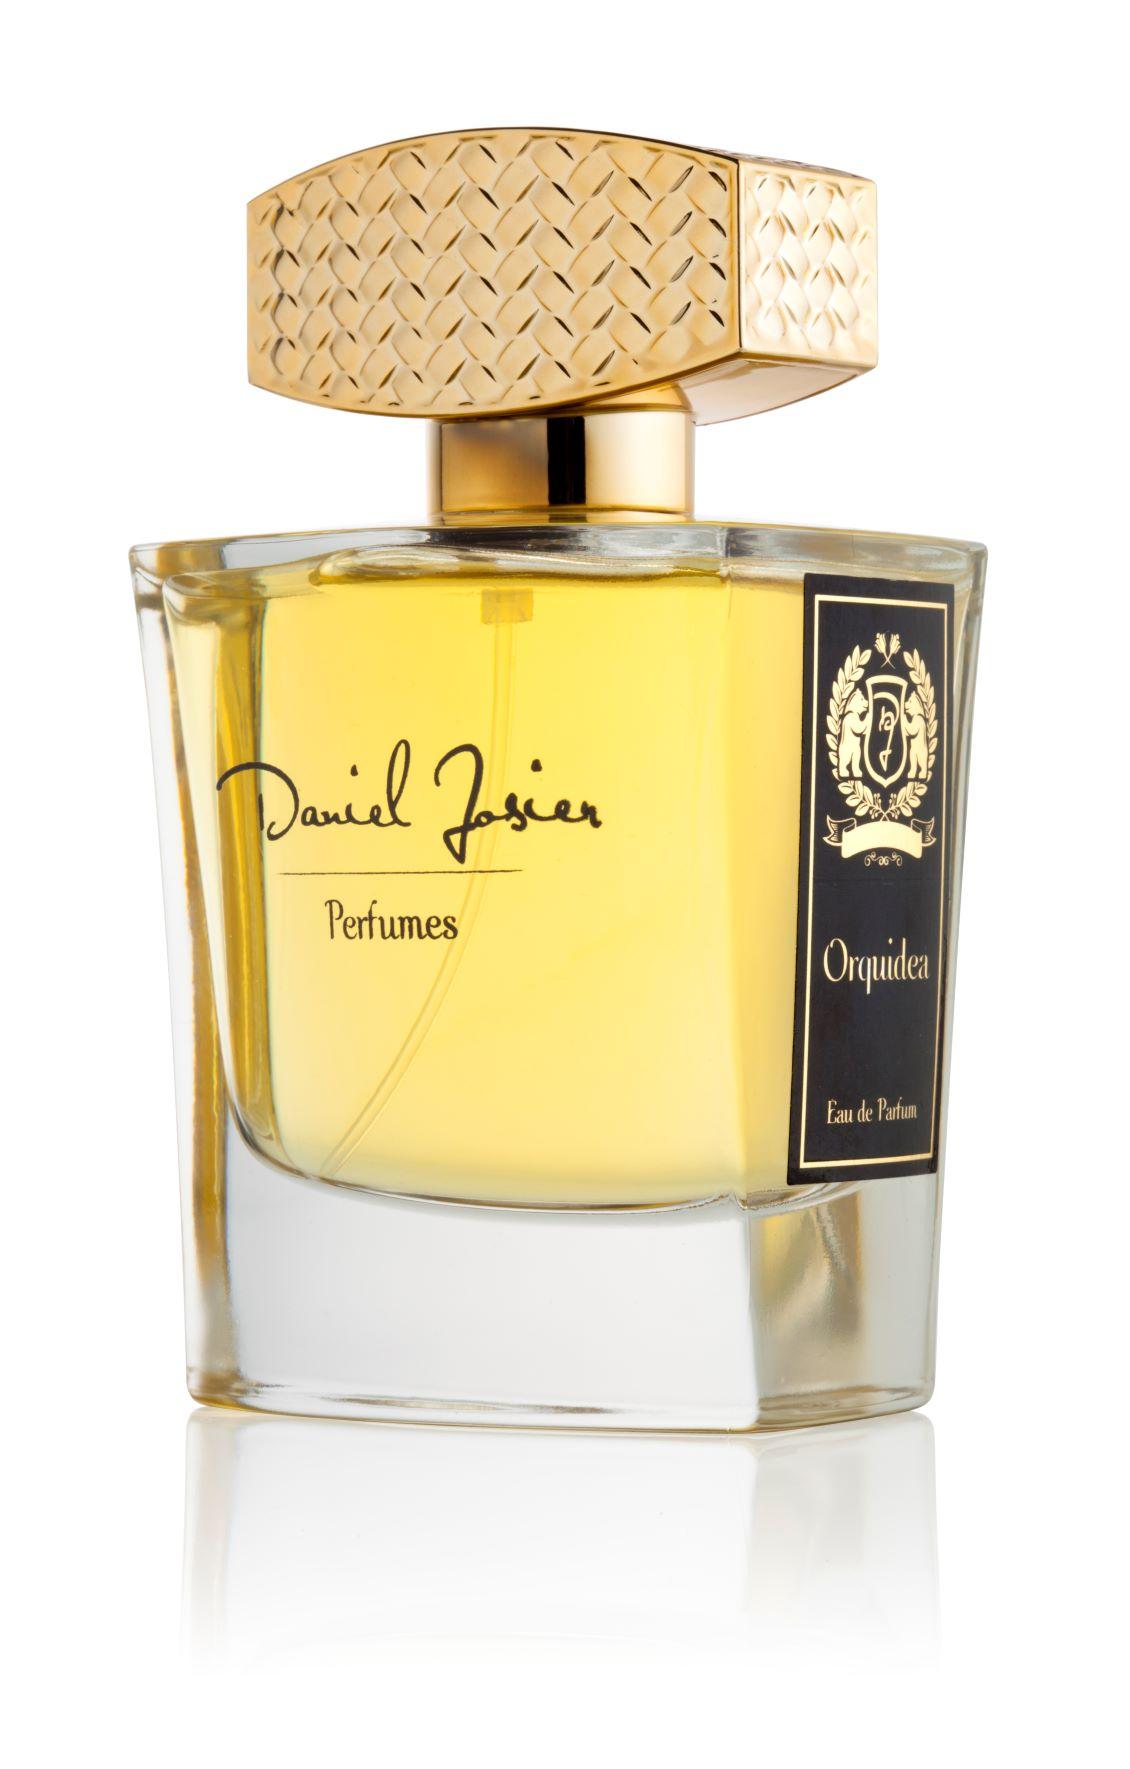 Daniel Josier – Orquidea Negra - Eau de Parfum